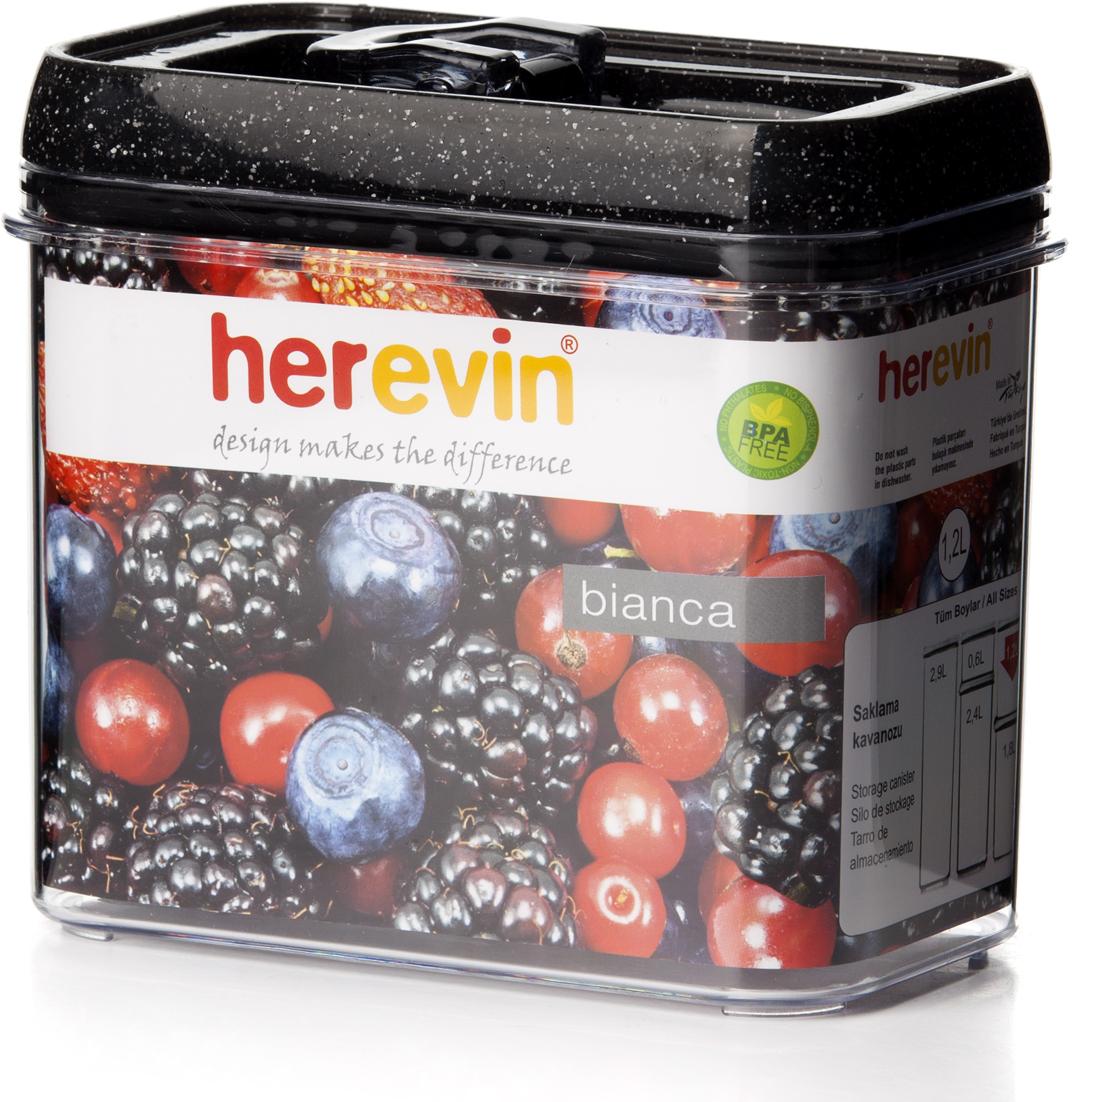 """Прямоугольный пищевой контейнер """"Herevin"""" изготовлен из высококачественного пищевого пластика. Контейнер безопасен для здоровья, не содержит BPA. Вакуумная крышка способствует более герметичному закрыванию, в связи с чем продукты дольше сохраняют свои свойства."""